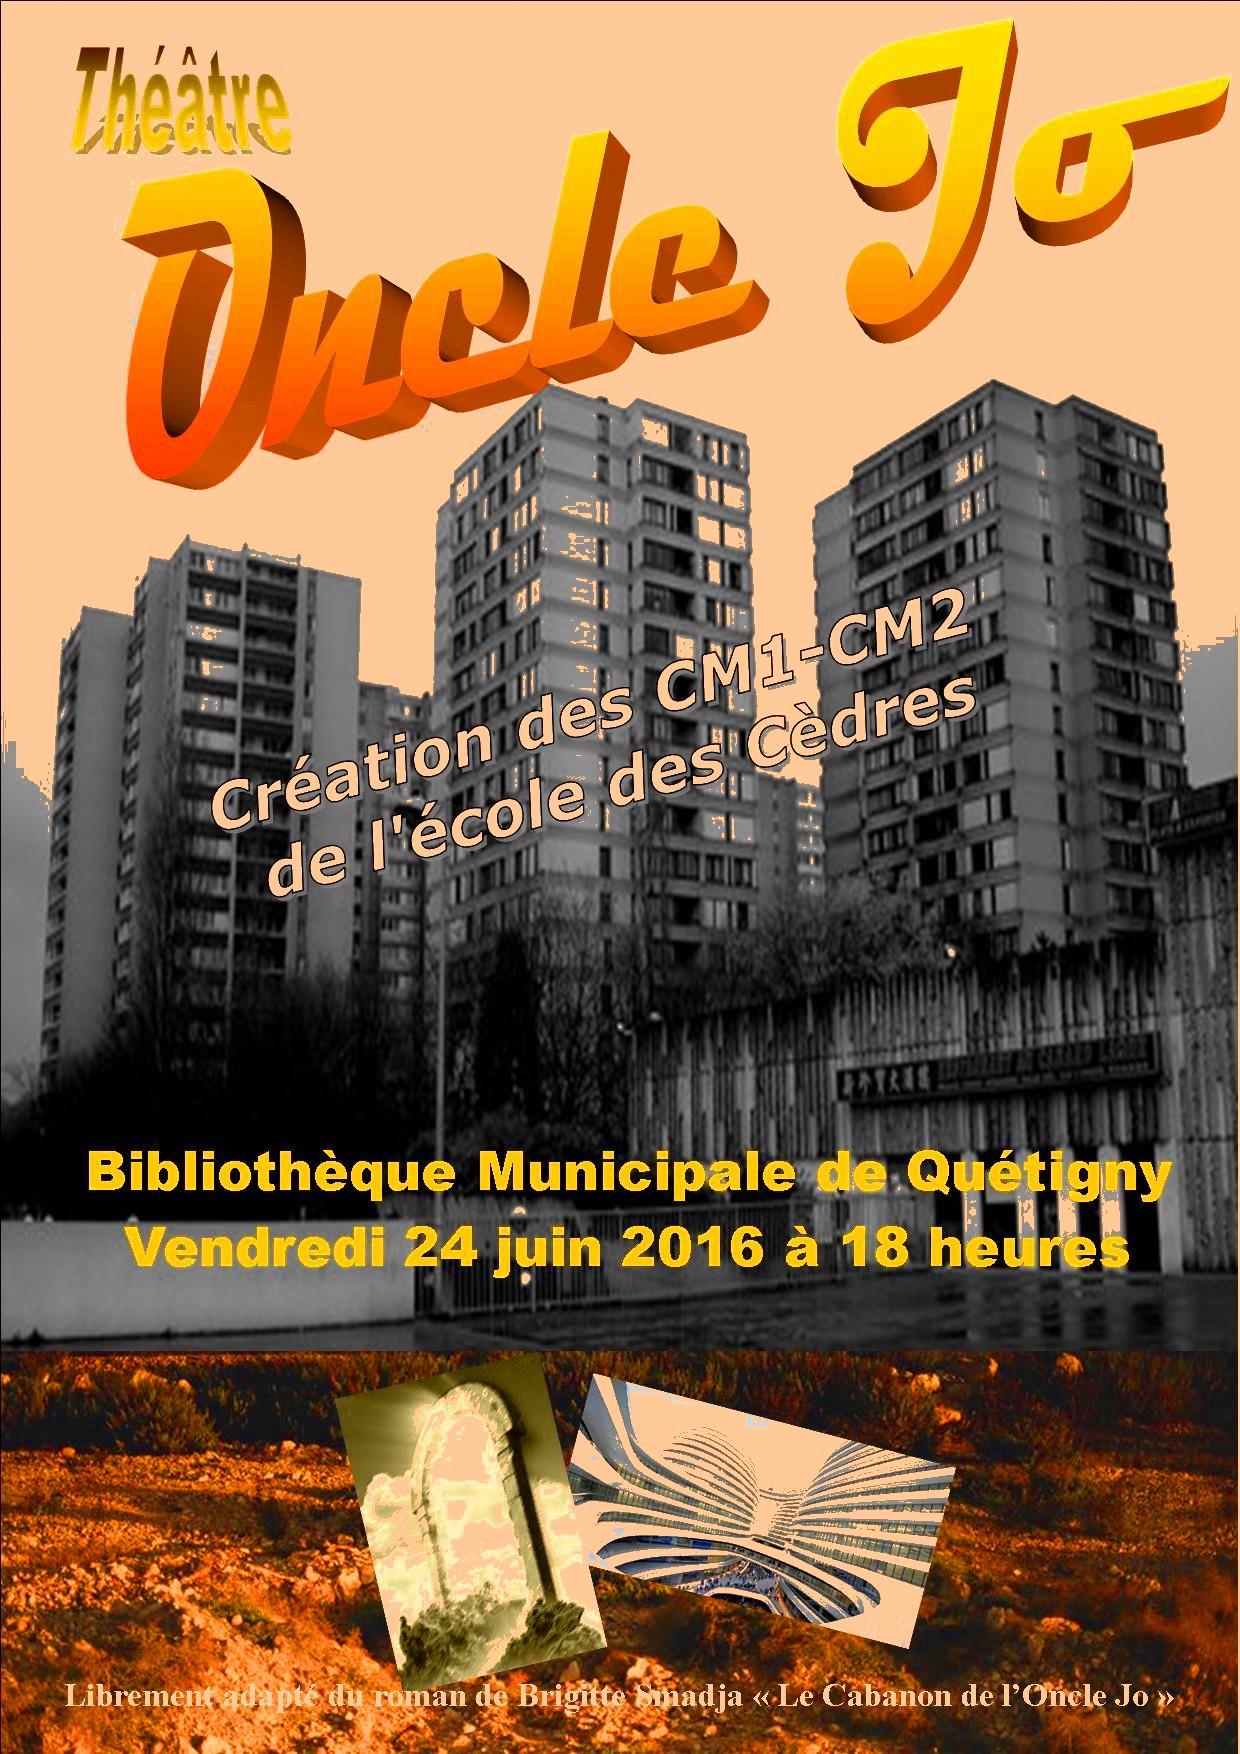 Affiche Oncle Jo 11.jpg